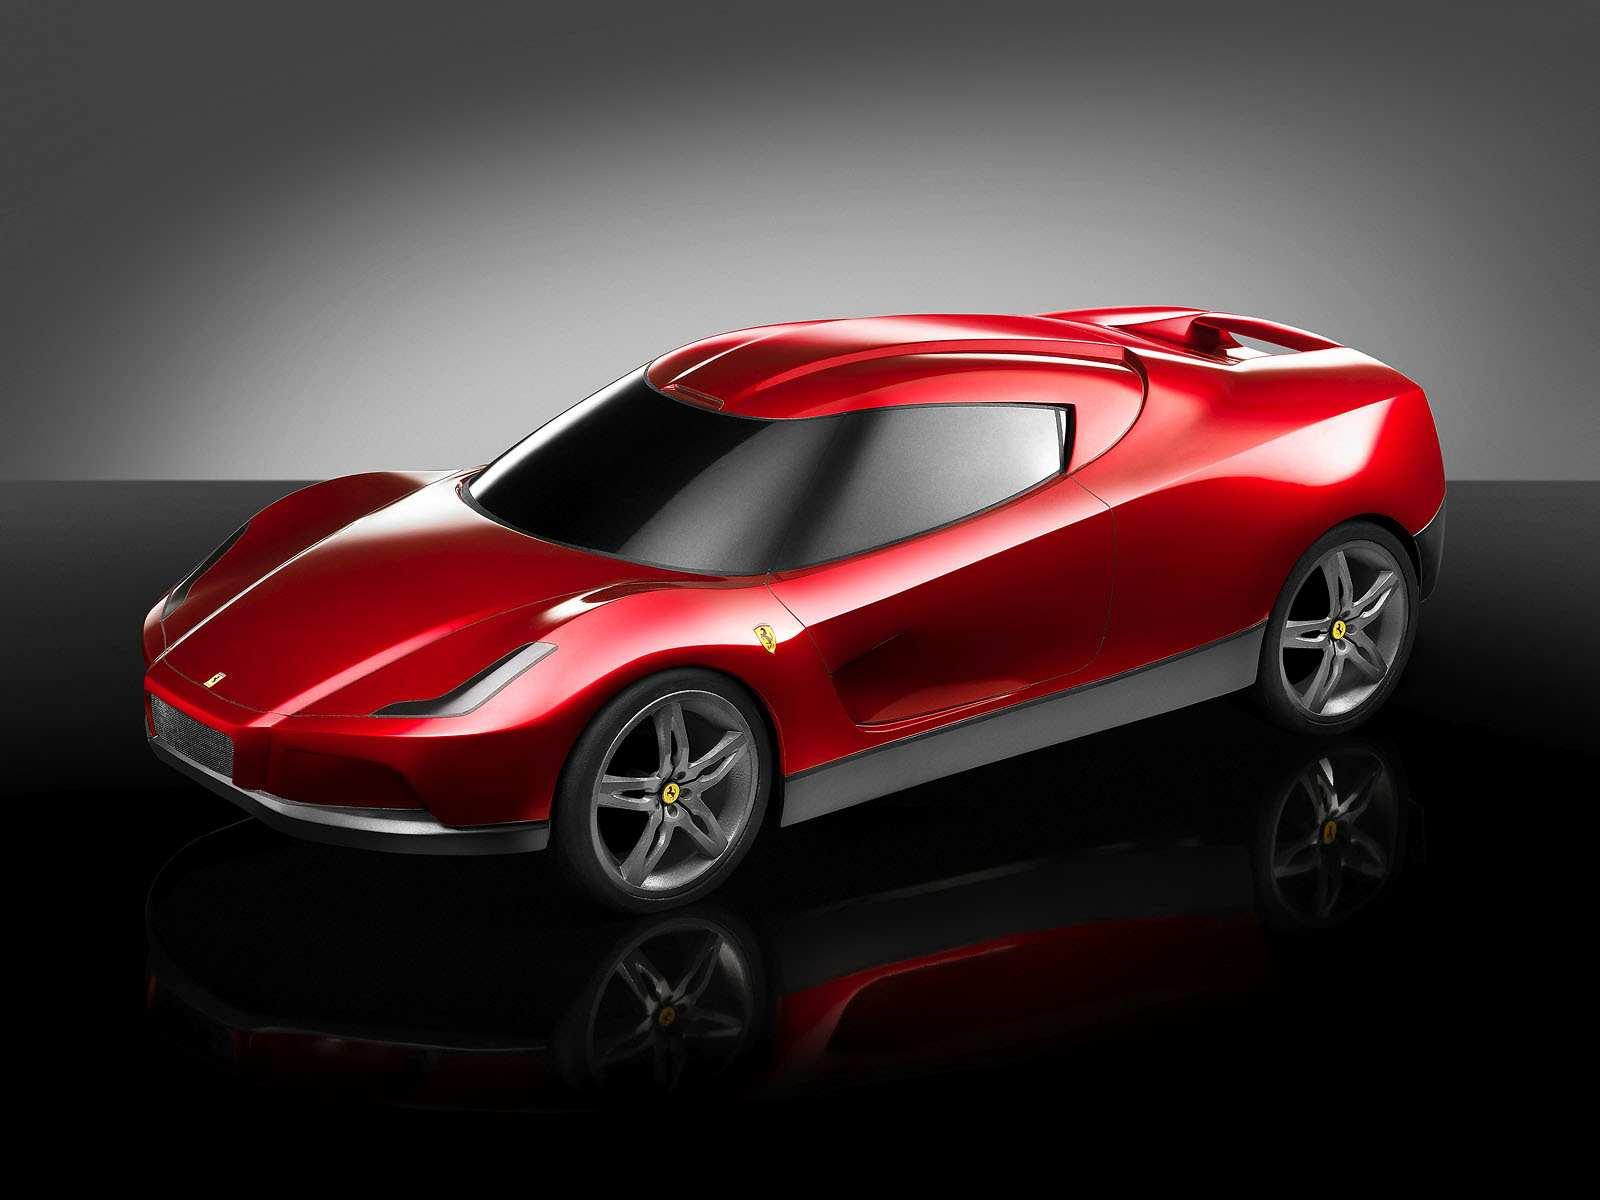 ferrari_concept_car_8